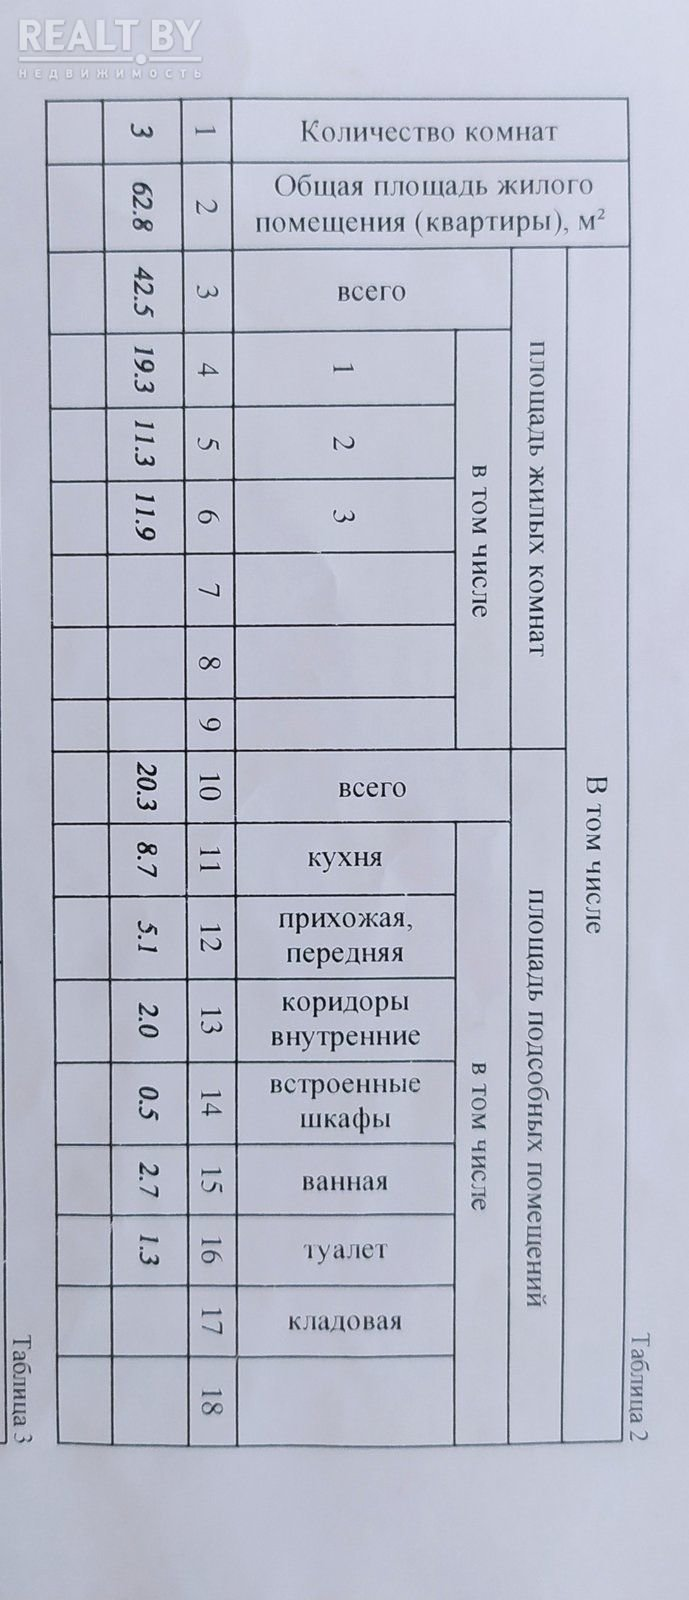 Продажа 3-х комнатной квартиры в гп. Плещеницы, ул. Космонавтов, дом 27. Цена 74 820 руб c торгом